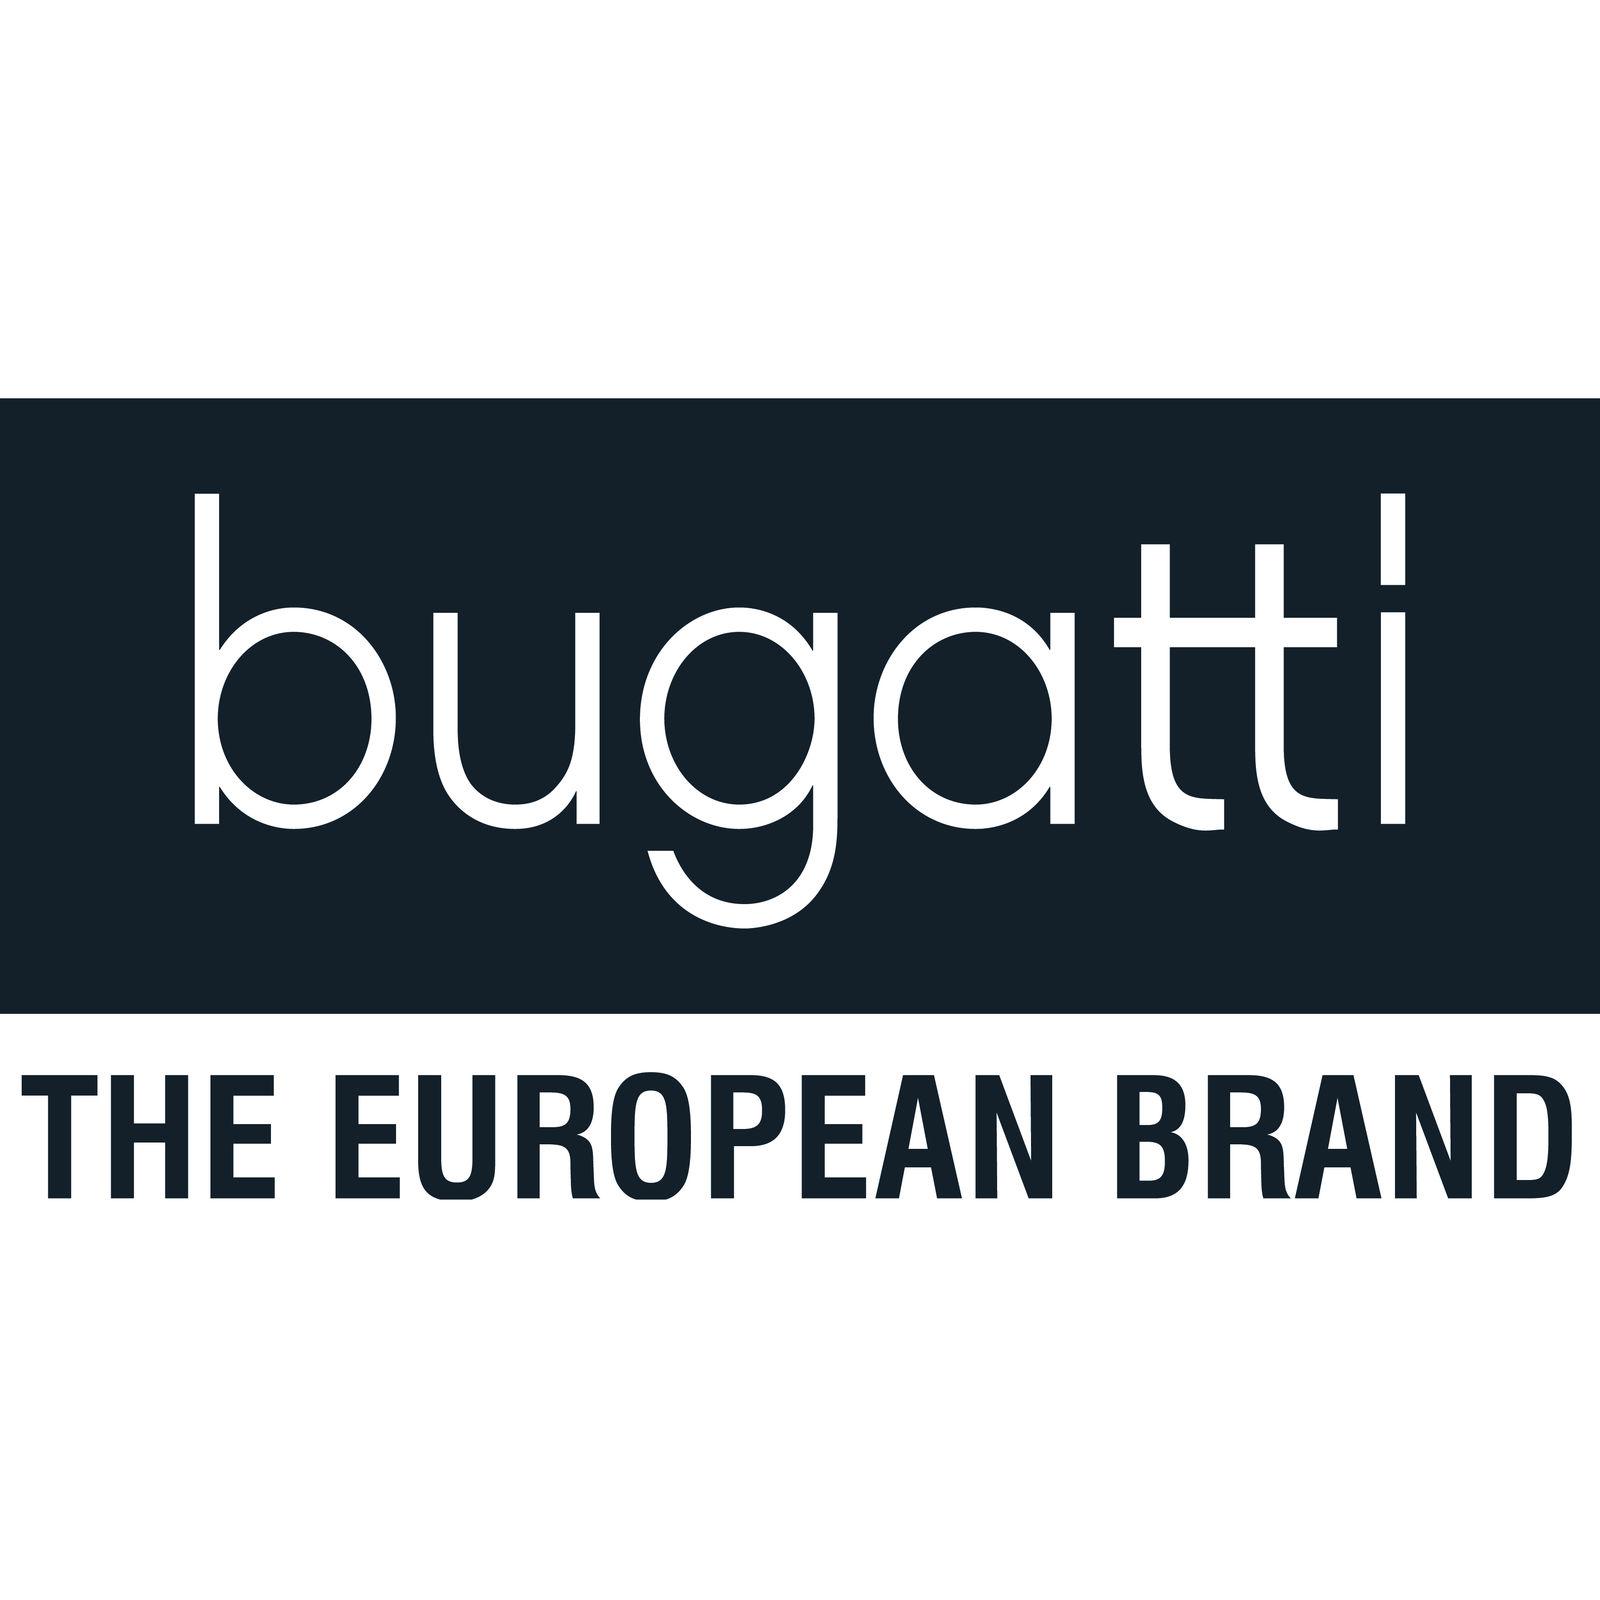 bugatti (Image 1)